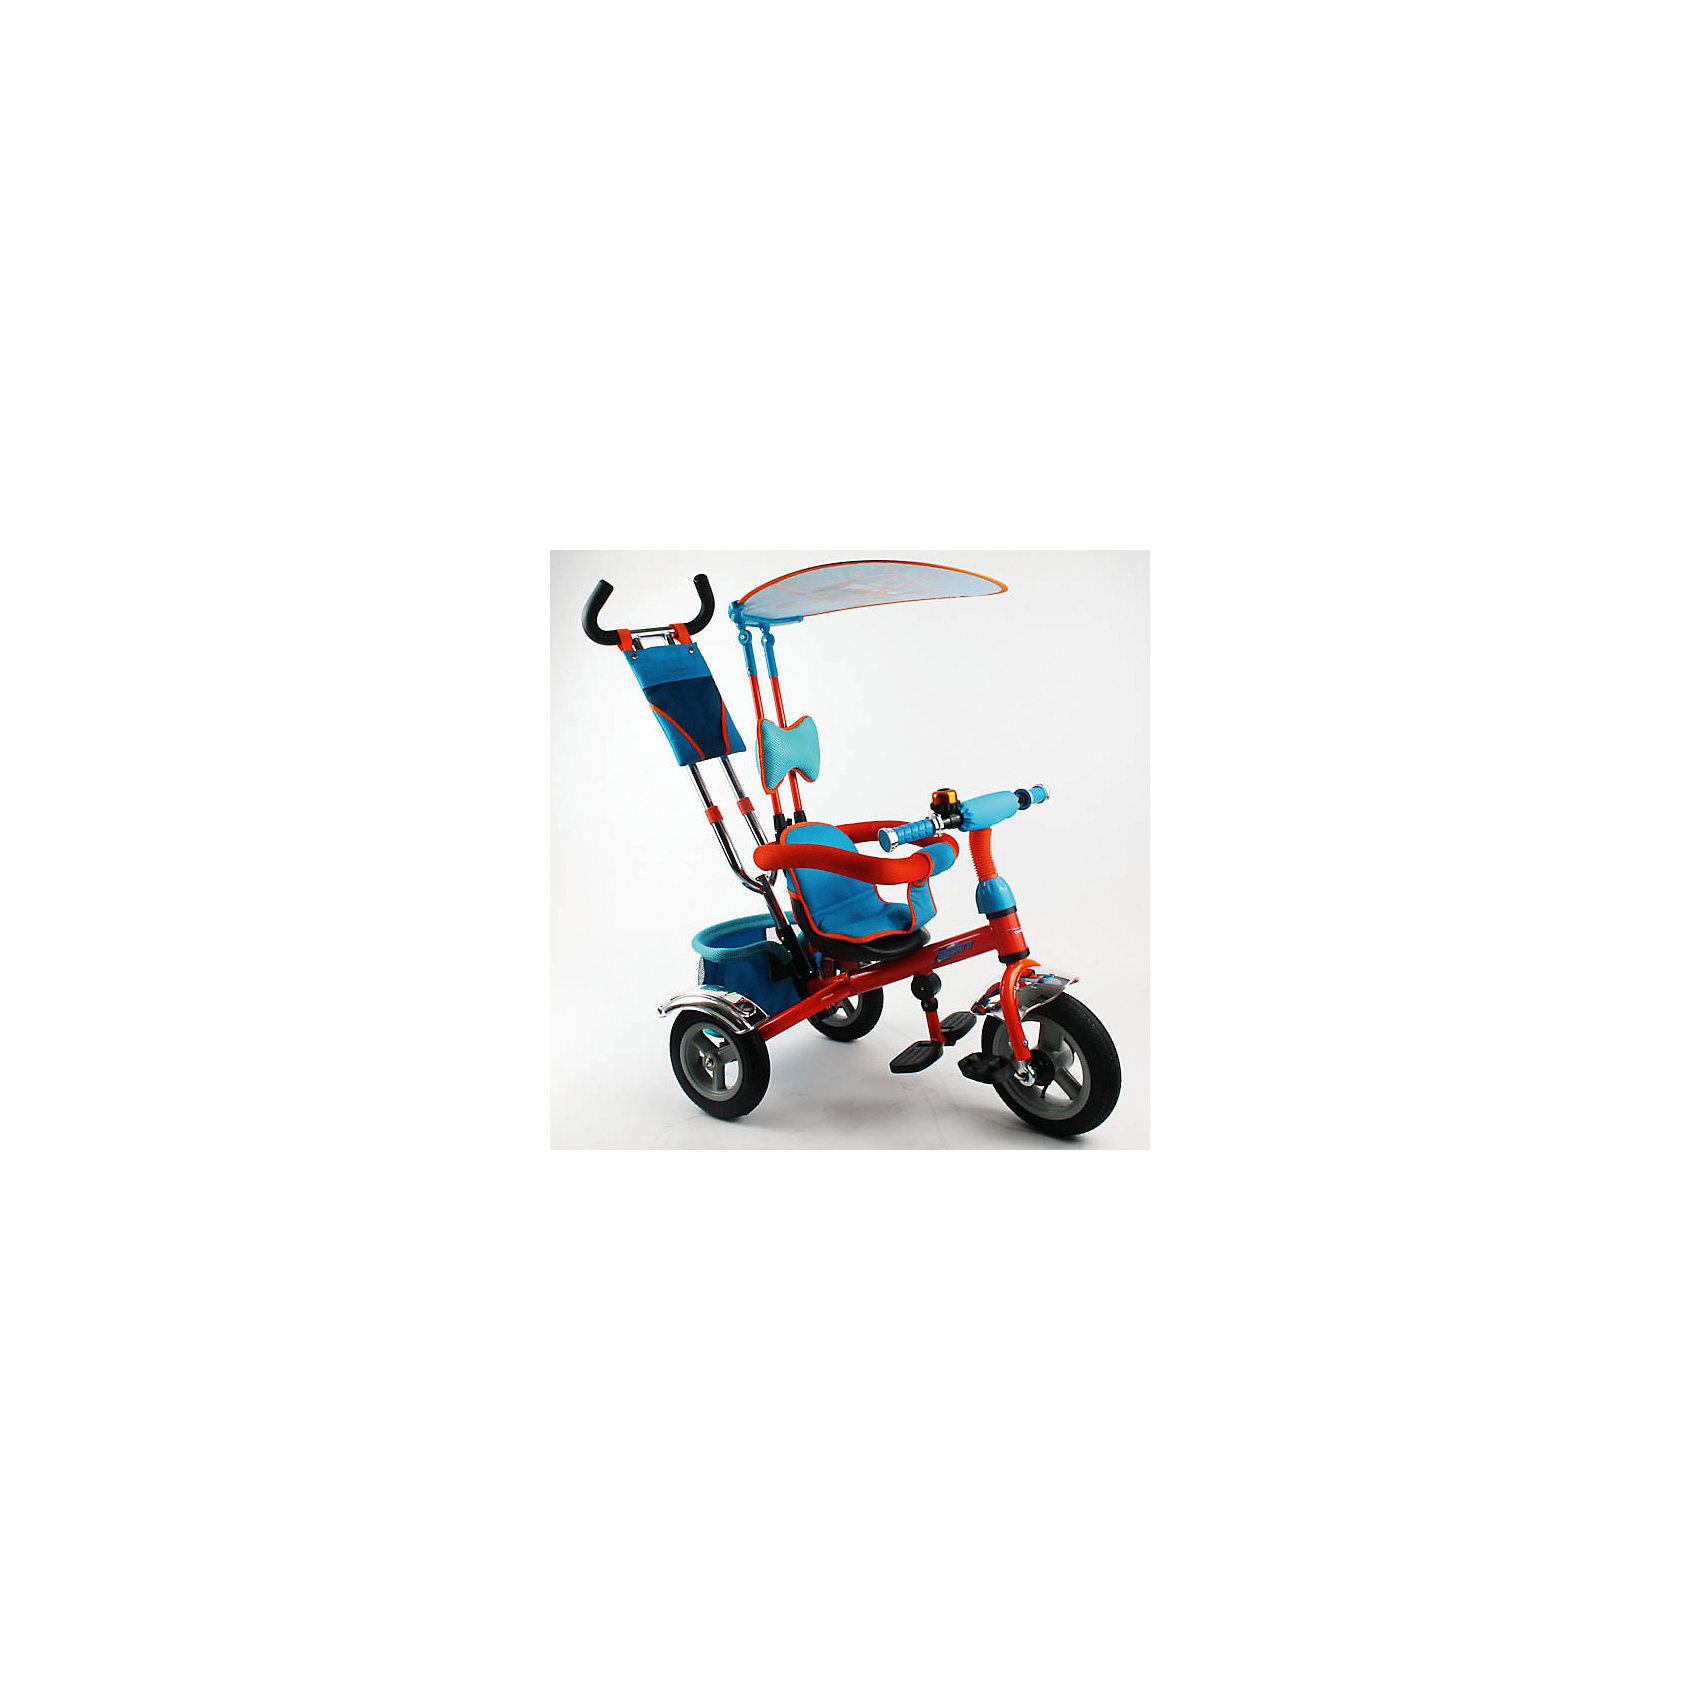 Трехколесный велосипед, Самолеты, DisneyВелосипеды детские<br>Характеристики товара:<br><br>• цвет: голубой, оранжевый<br>• пластиковые надувные колеса<br>• диаметр колес: передние 25 см (10) с функцией свободного хода, задние 20 см (8)<br>• двойная телескопическая родительская ручка с мягкими рукоятками из пористой резины и сумочкой<br>• спинка с регулируемым углом наклона (3 положения) <br>• складная подставкя для ног<br>• складной тент <br>• покрытое мягкой тканью сидение с двухточечным ремнем безопасности<br>• подголовник на спинке<br>• автоматический свободный ход педалей<br>• регулируемая поворотная рычаг-спица<br>• багажная корзина<br>• звонок<br>• вес: 10,9 кг<br>• размер в собранном виде: 108х90х55 см<br>• допустимый вес: до 25 кг<br>• рекомендуемый возраст: от 1 до 3 лет<br>• габариты упаковки: 38х30х63 см<br>• страна производства: Китай<br><br>Детский трехколесный велосипед Disney Planes можно купить в нашем магазине.<br><br>Ширина мм: 1150<br>Глубина мм: 470<br>Высота мм: 970<br>Вес г: 10900<br>Возраст от месяцев: 12<br>Возраст до месяцев: 36<br>Пол: Унисекс<br>Возраст: Детский<br>SKU: 5526372